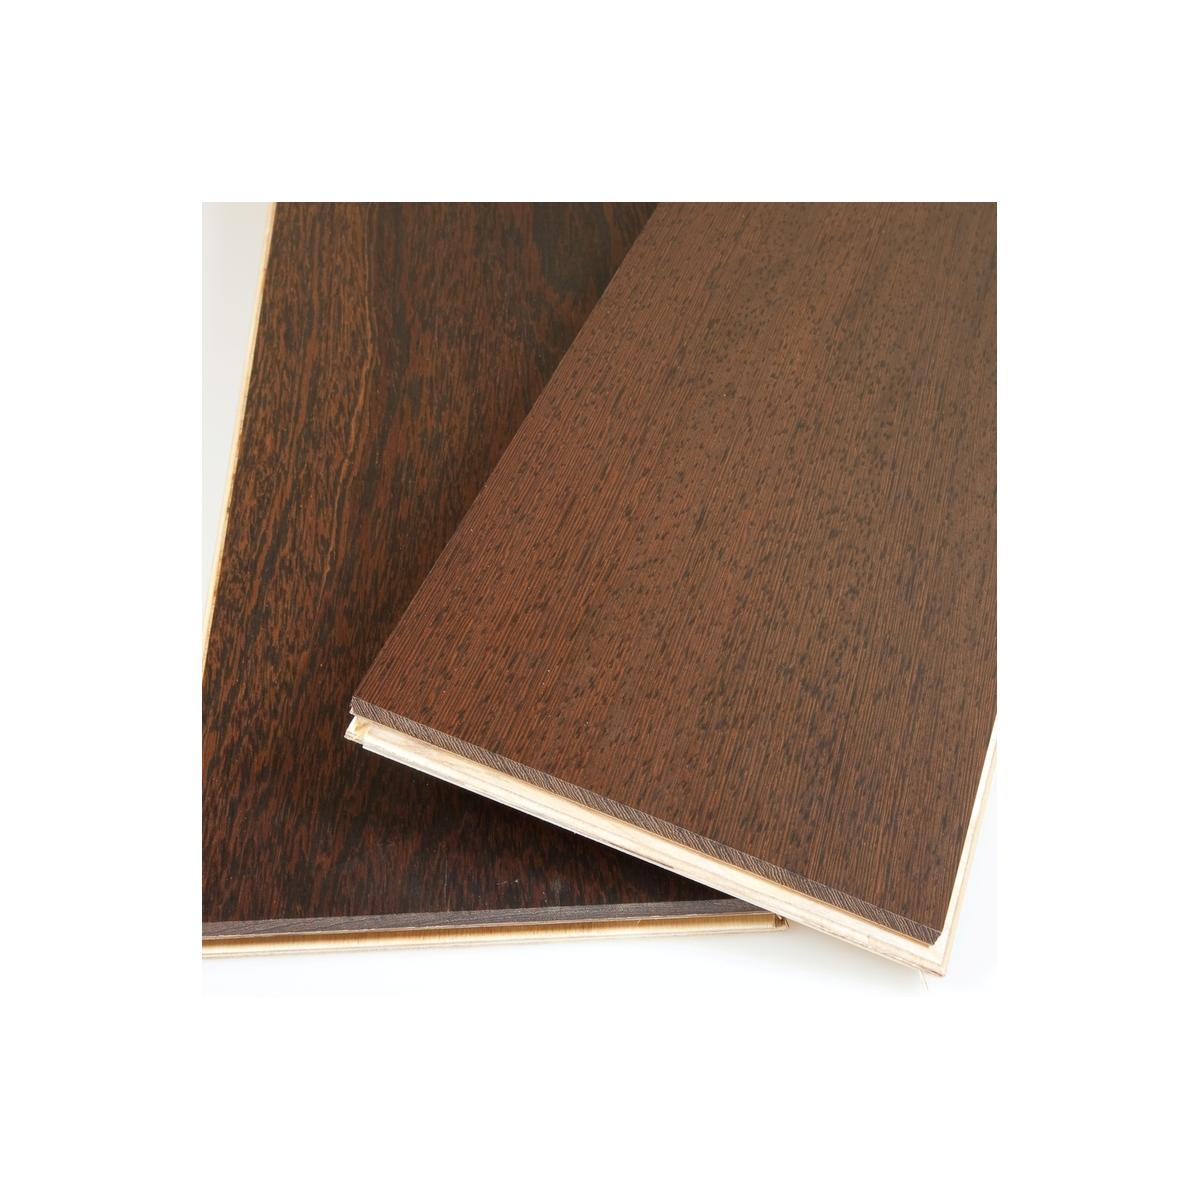 Vente parquet wenge contrecoll vernis 16x140 qualit premium - Collection exclusive bois ...